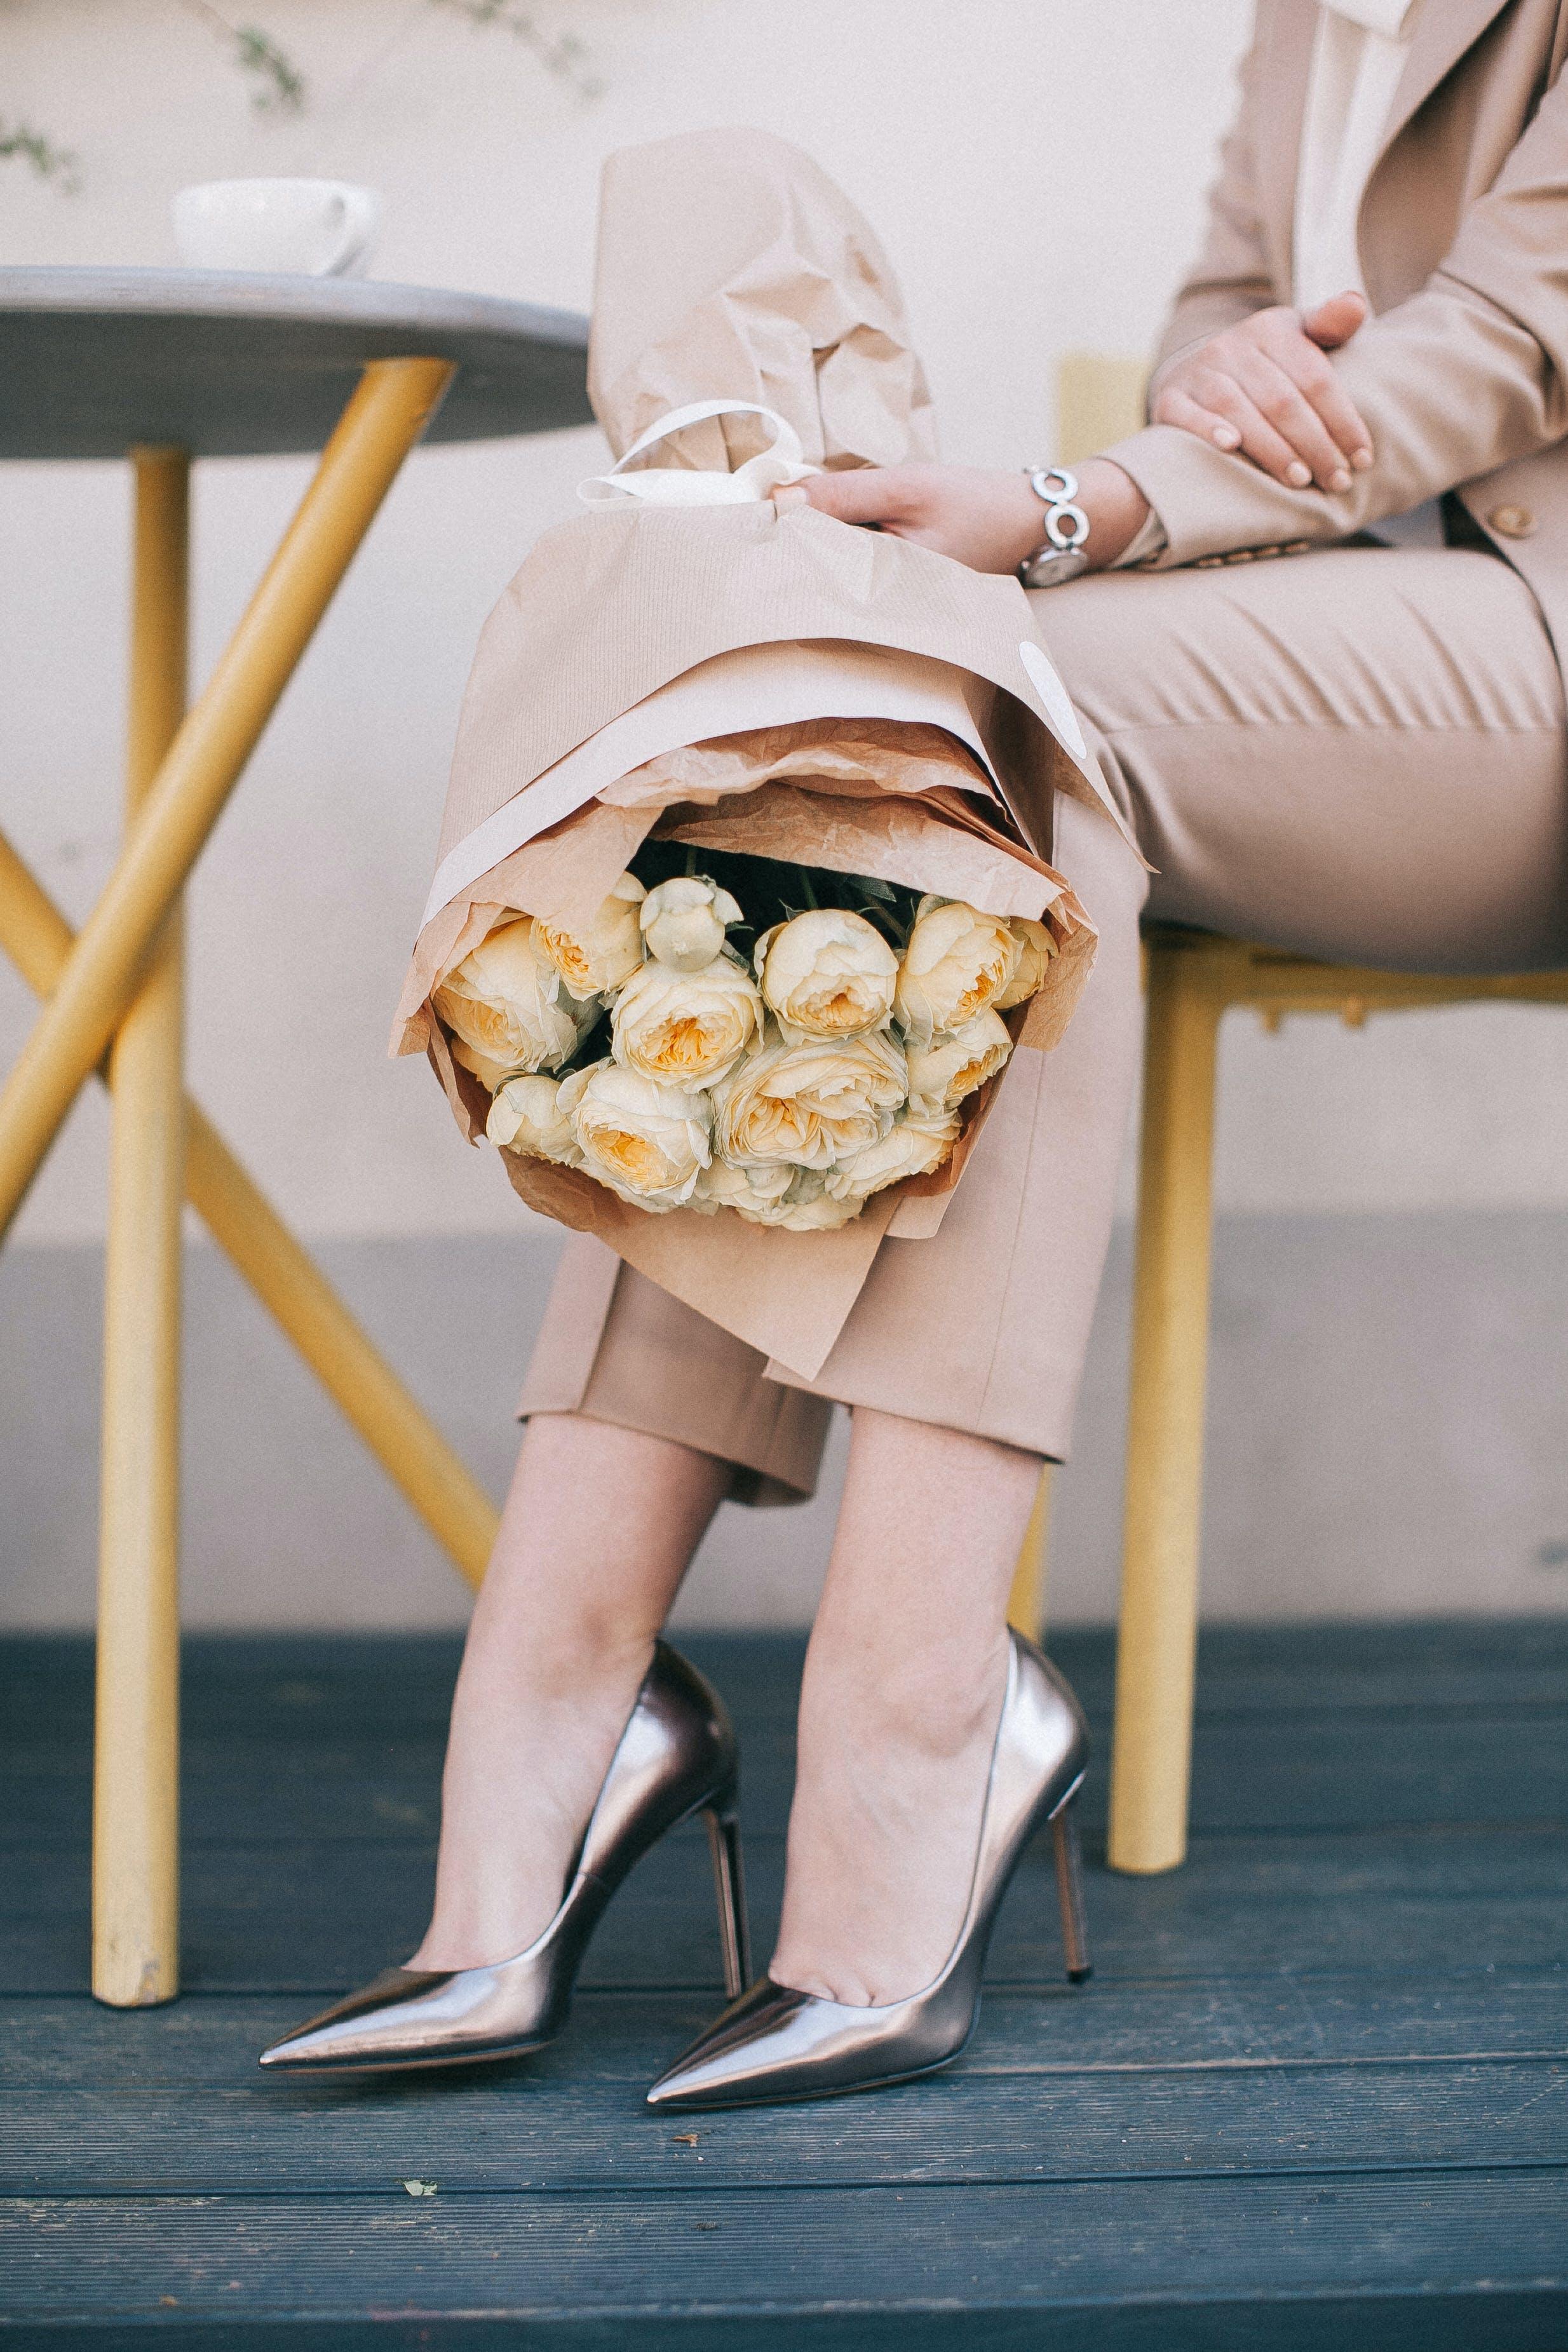 Gratis arkivbilde med blomster, bukett, innendørs, jente